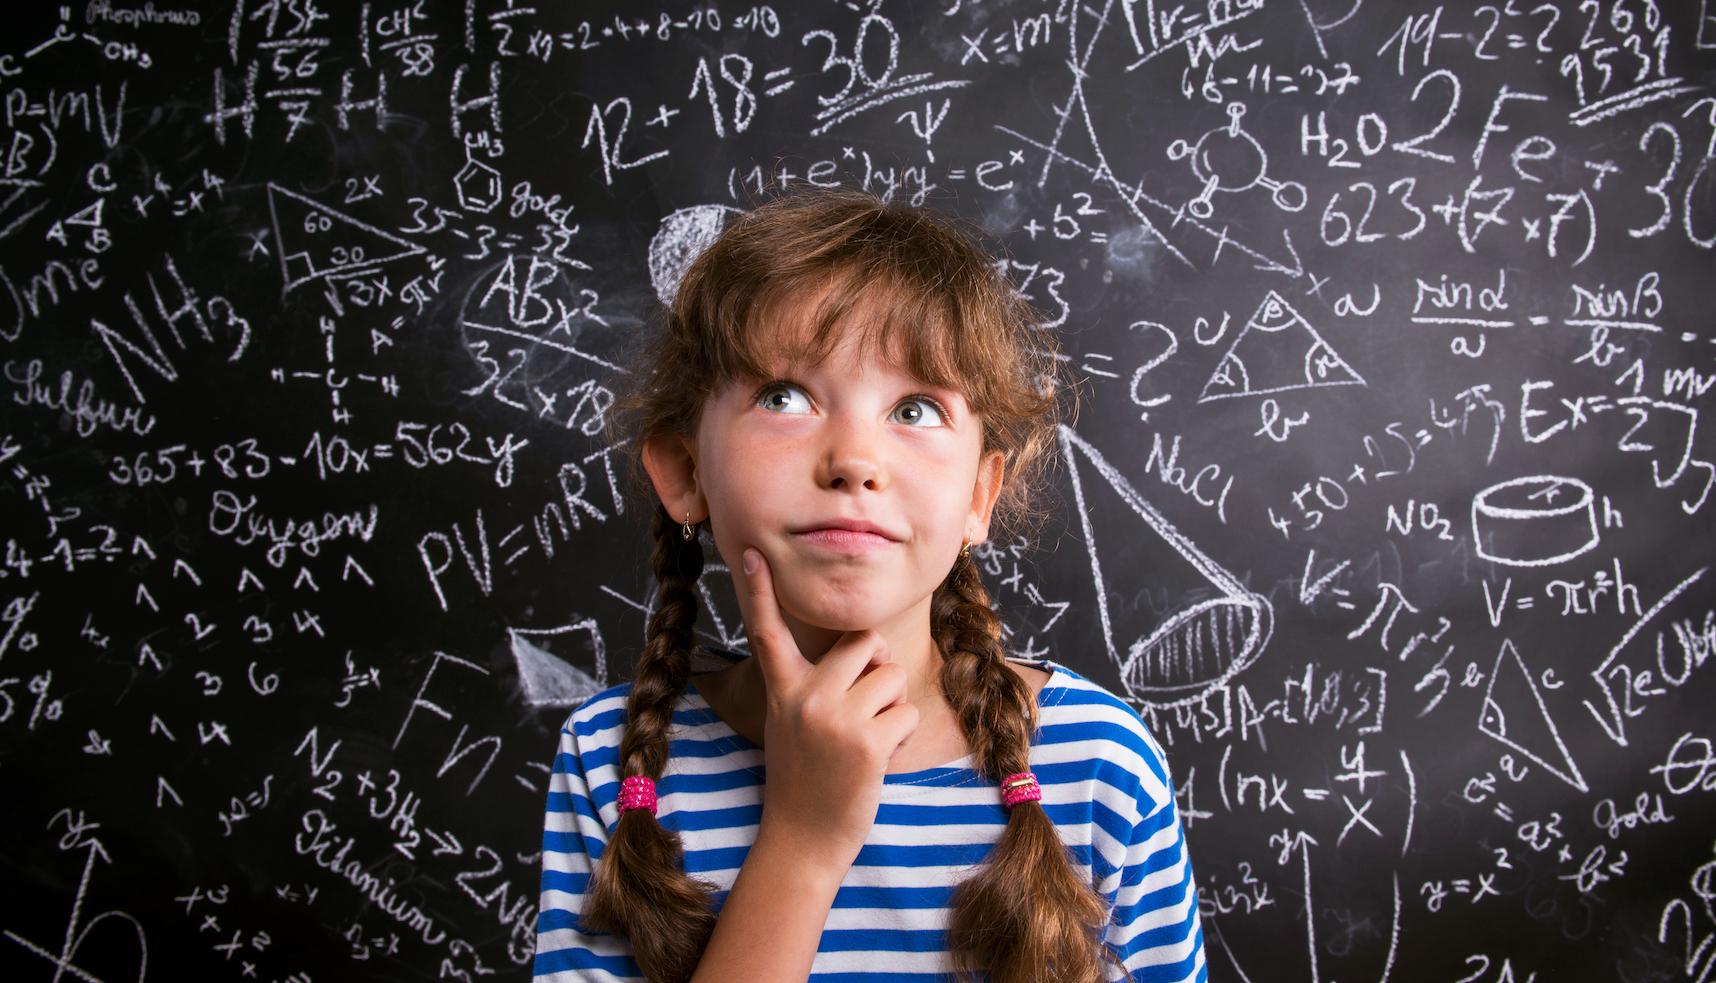 論理的に考える ―論理ツール①(基本論理語)とは― 【テクニカルライティング】